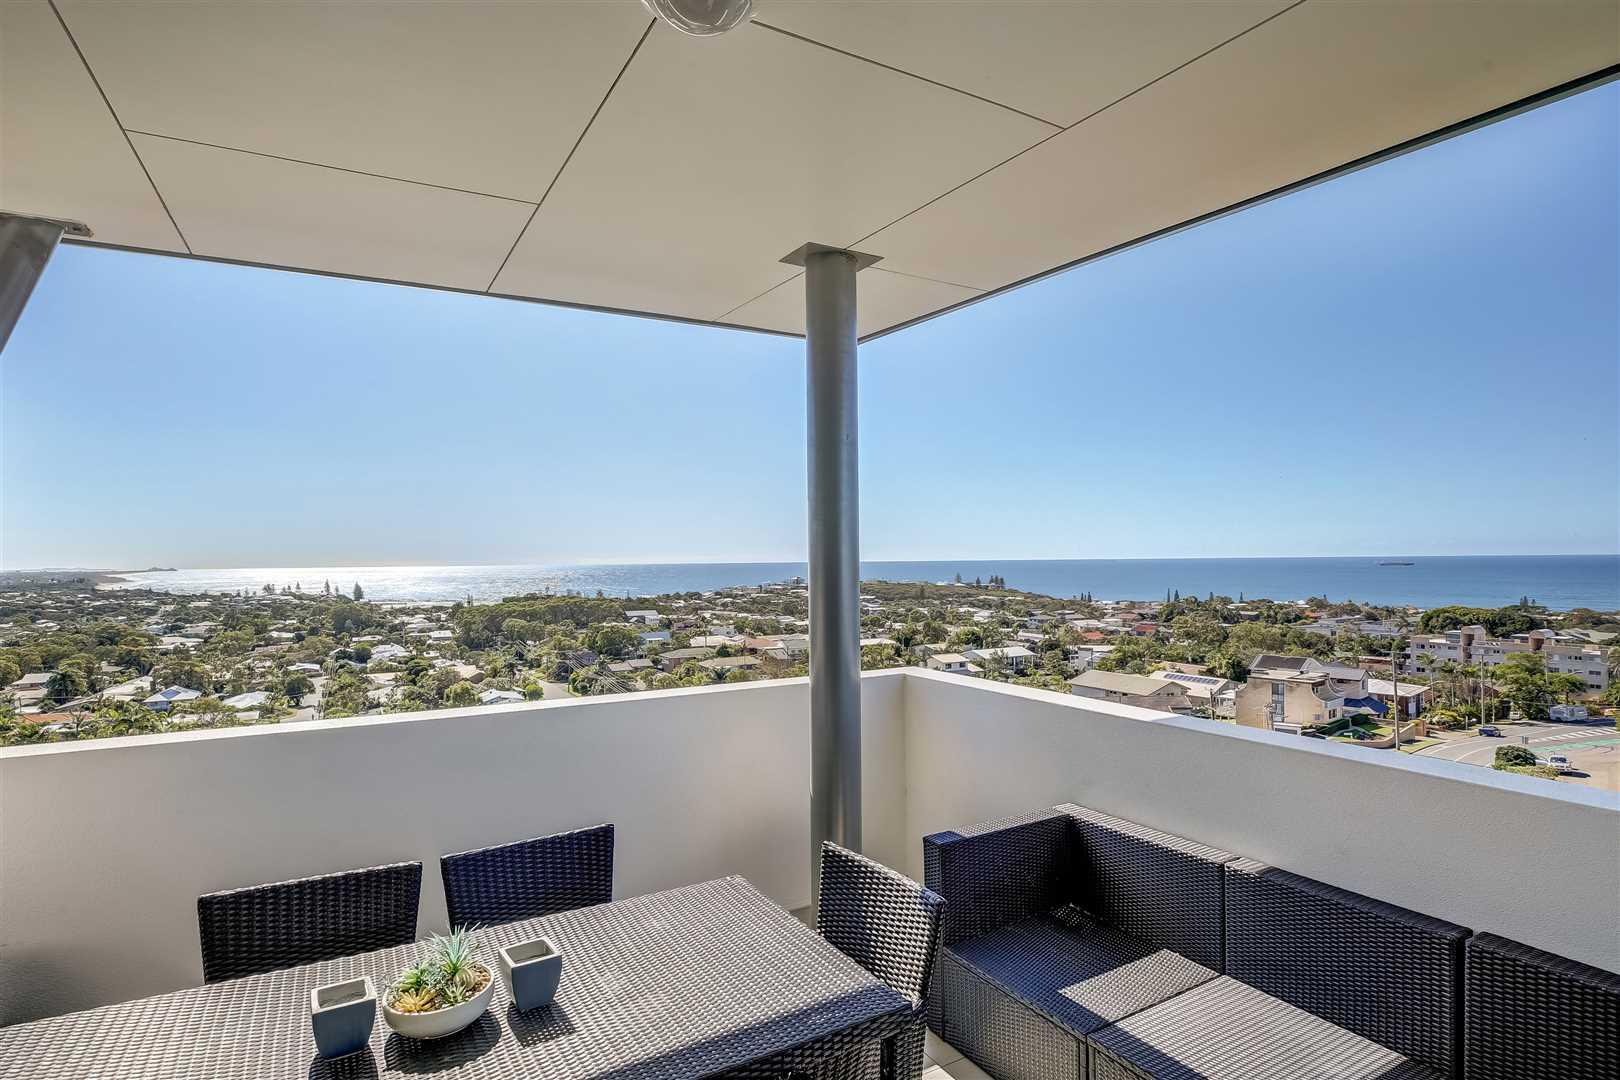 Stunning 180 Degree World Class Ocean View Penthouse